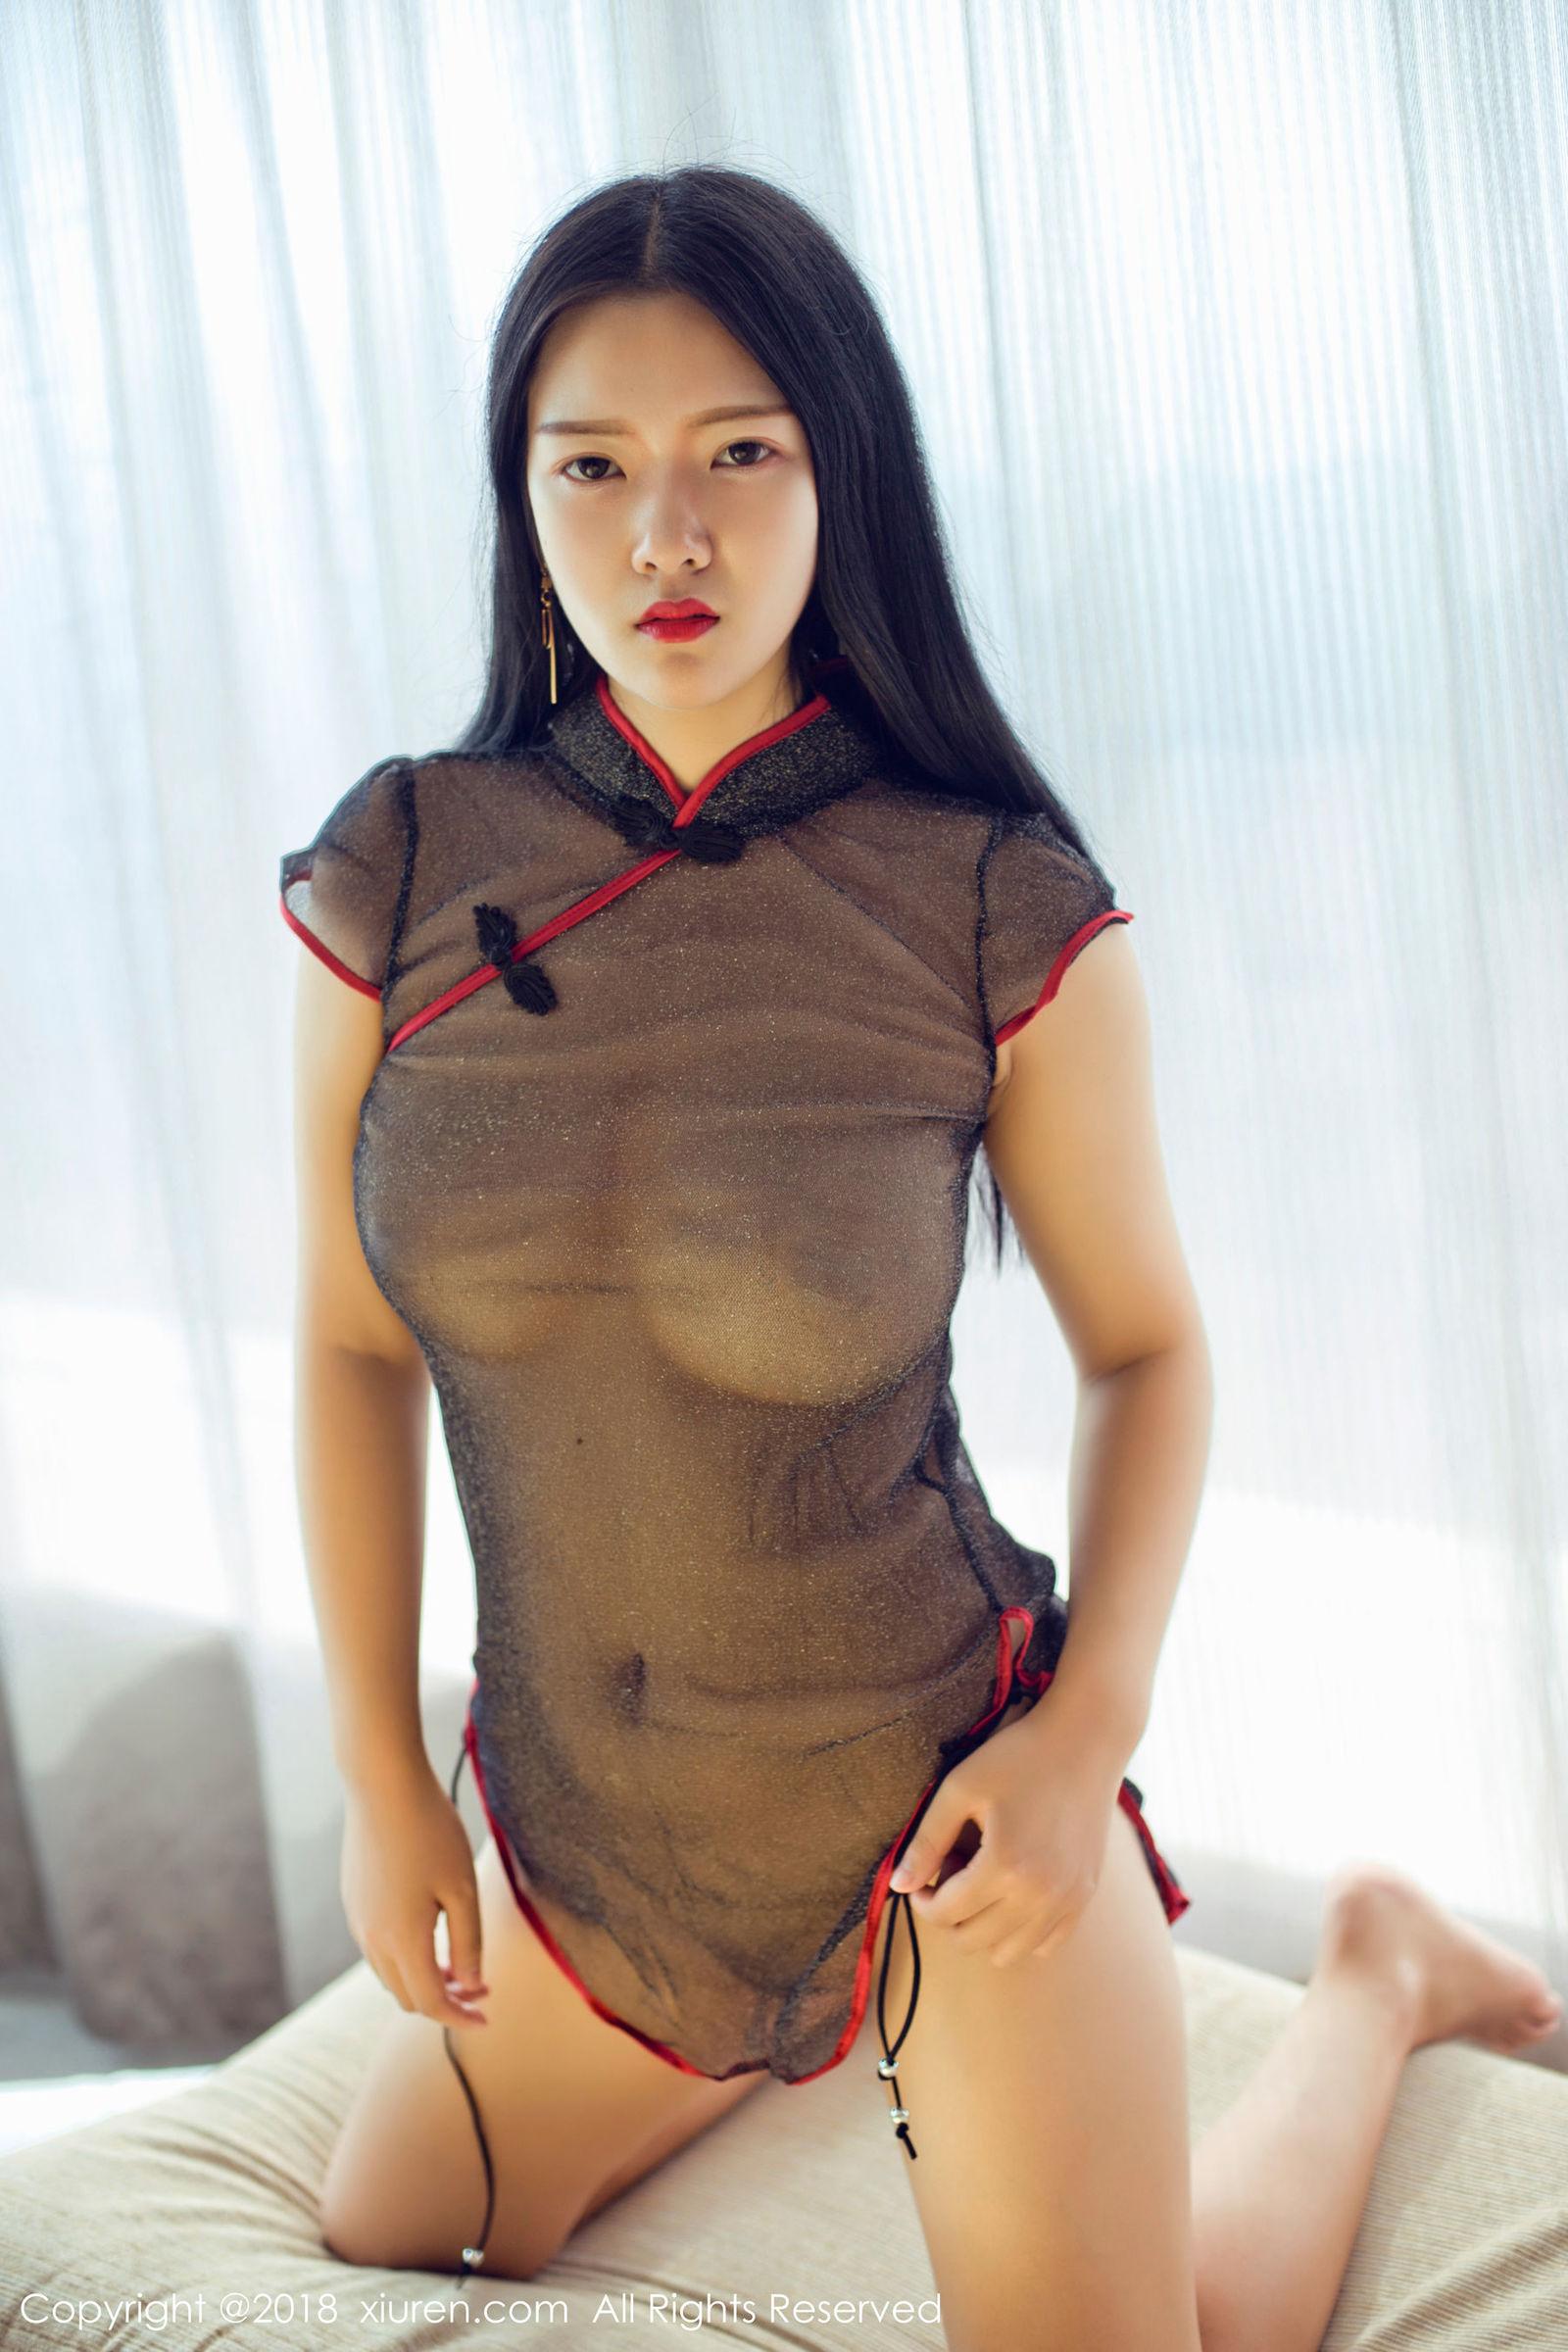 凌希儿 - 白衬衣+吊带丝袜+真空旗袍系列